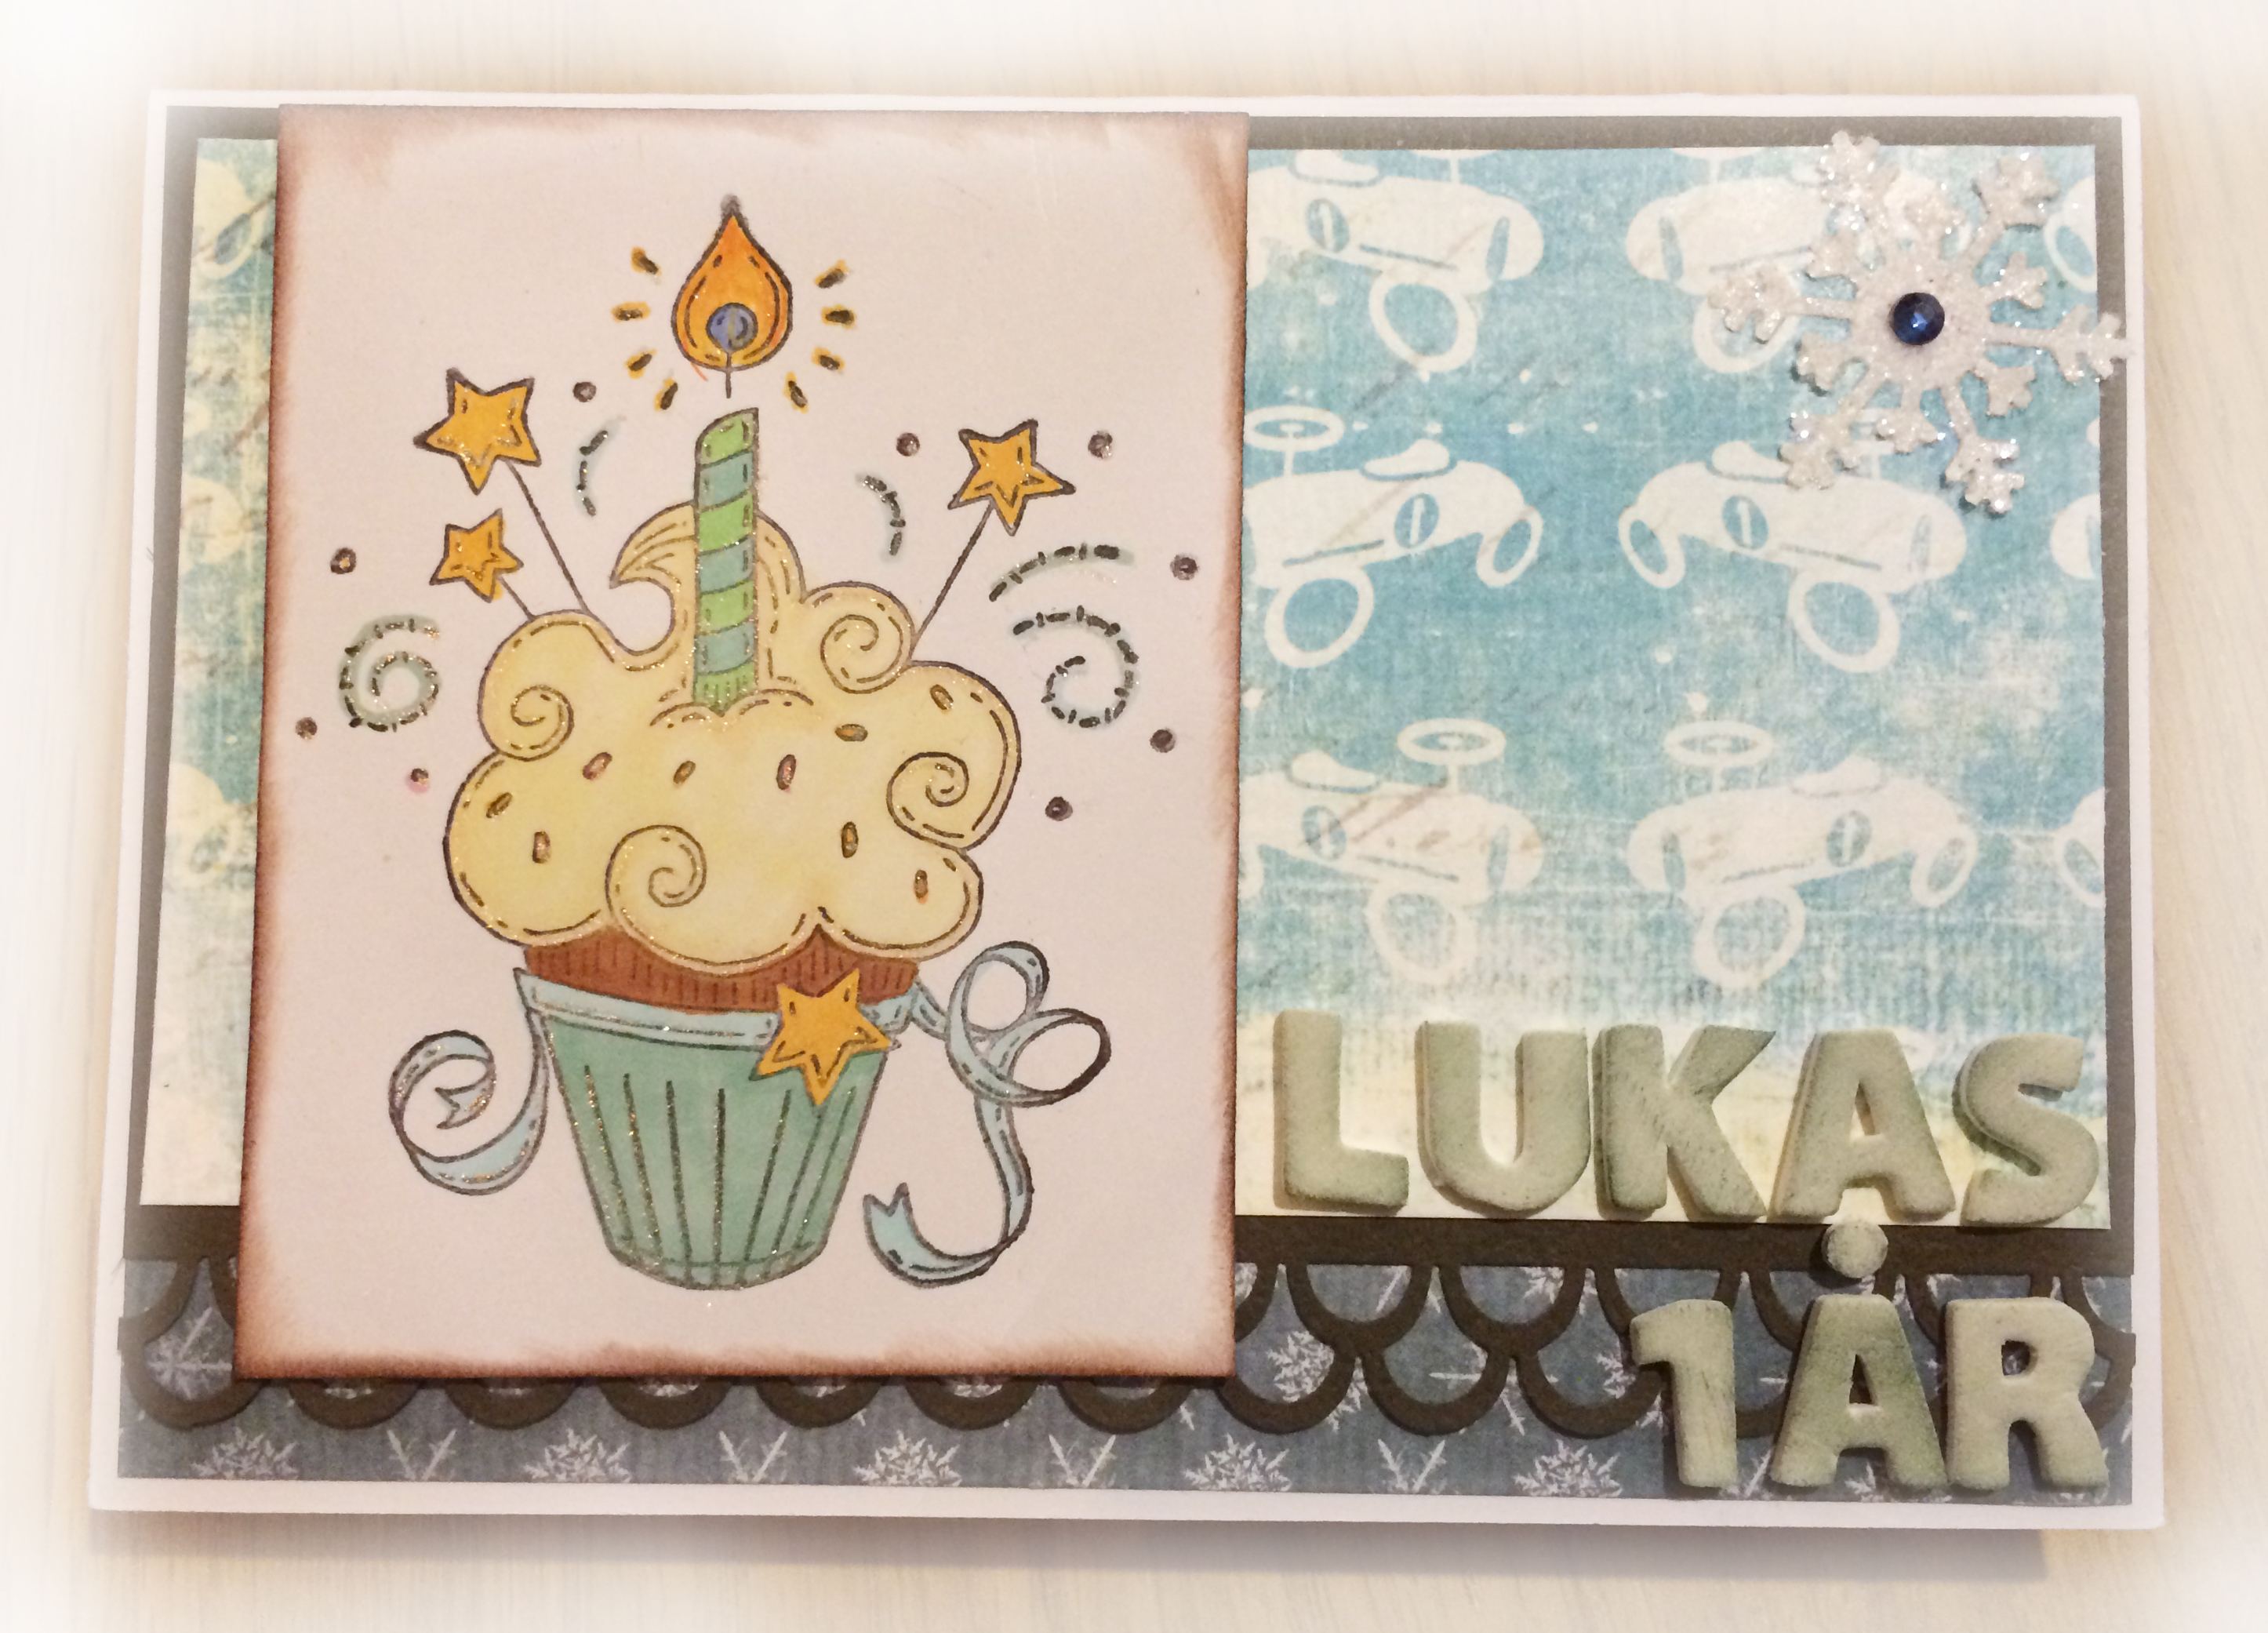 www födelsedagskort se Födelsedagskort till en liten pojke | Noxine www födelsedagskort se